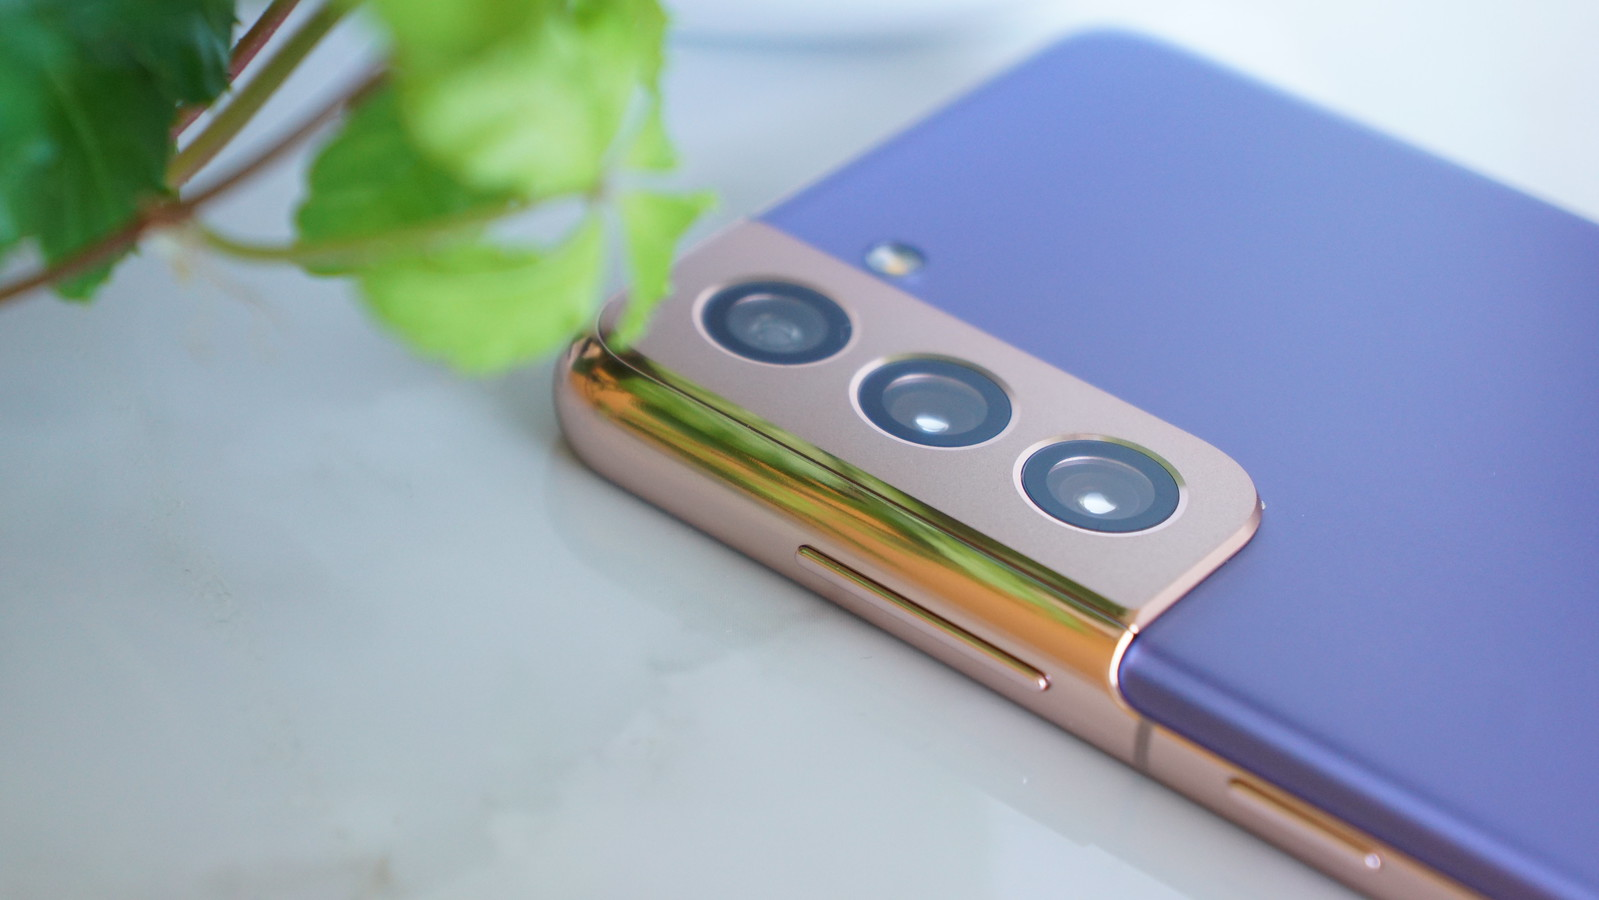 コンターカットカメラ|Galaxy S21 5Gレビュー|デザイン